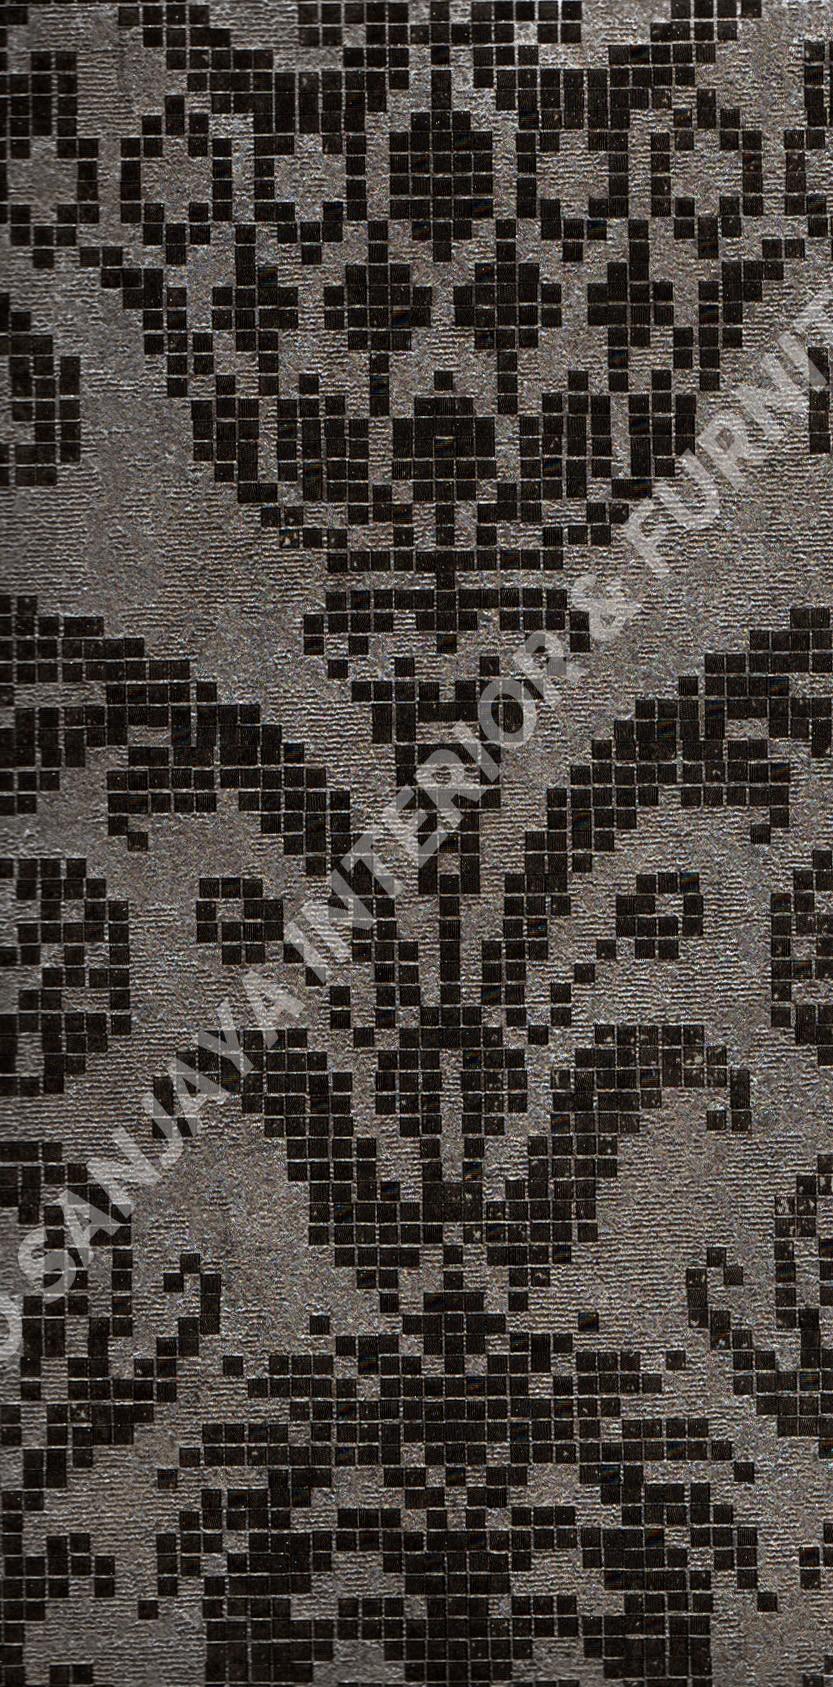 wallpaper   Wallpaper Klasik Batik (Damask) 3022:3022 corak  warna